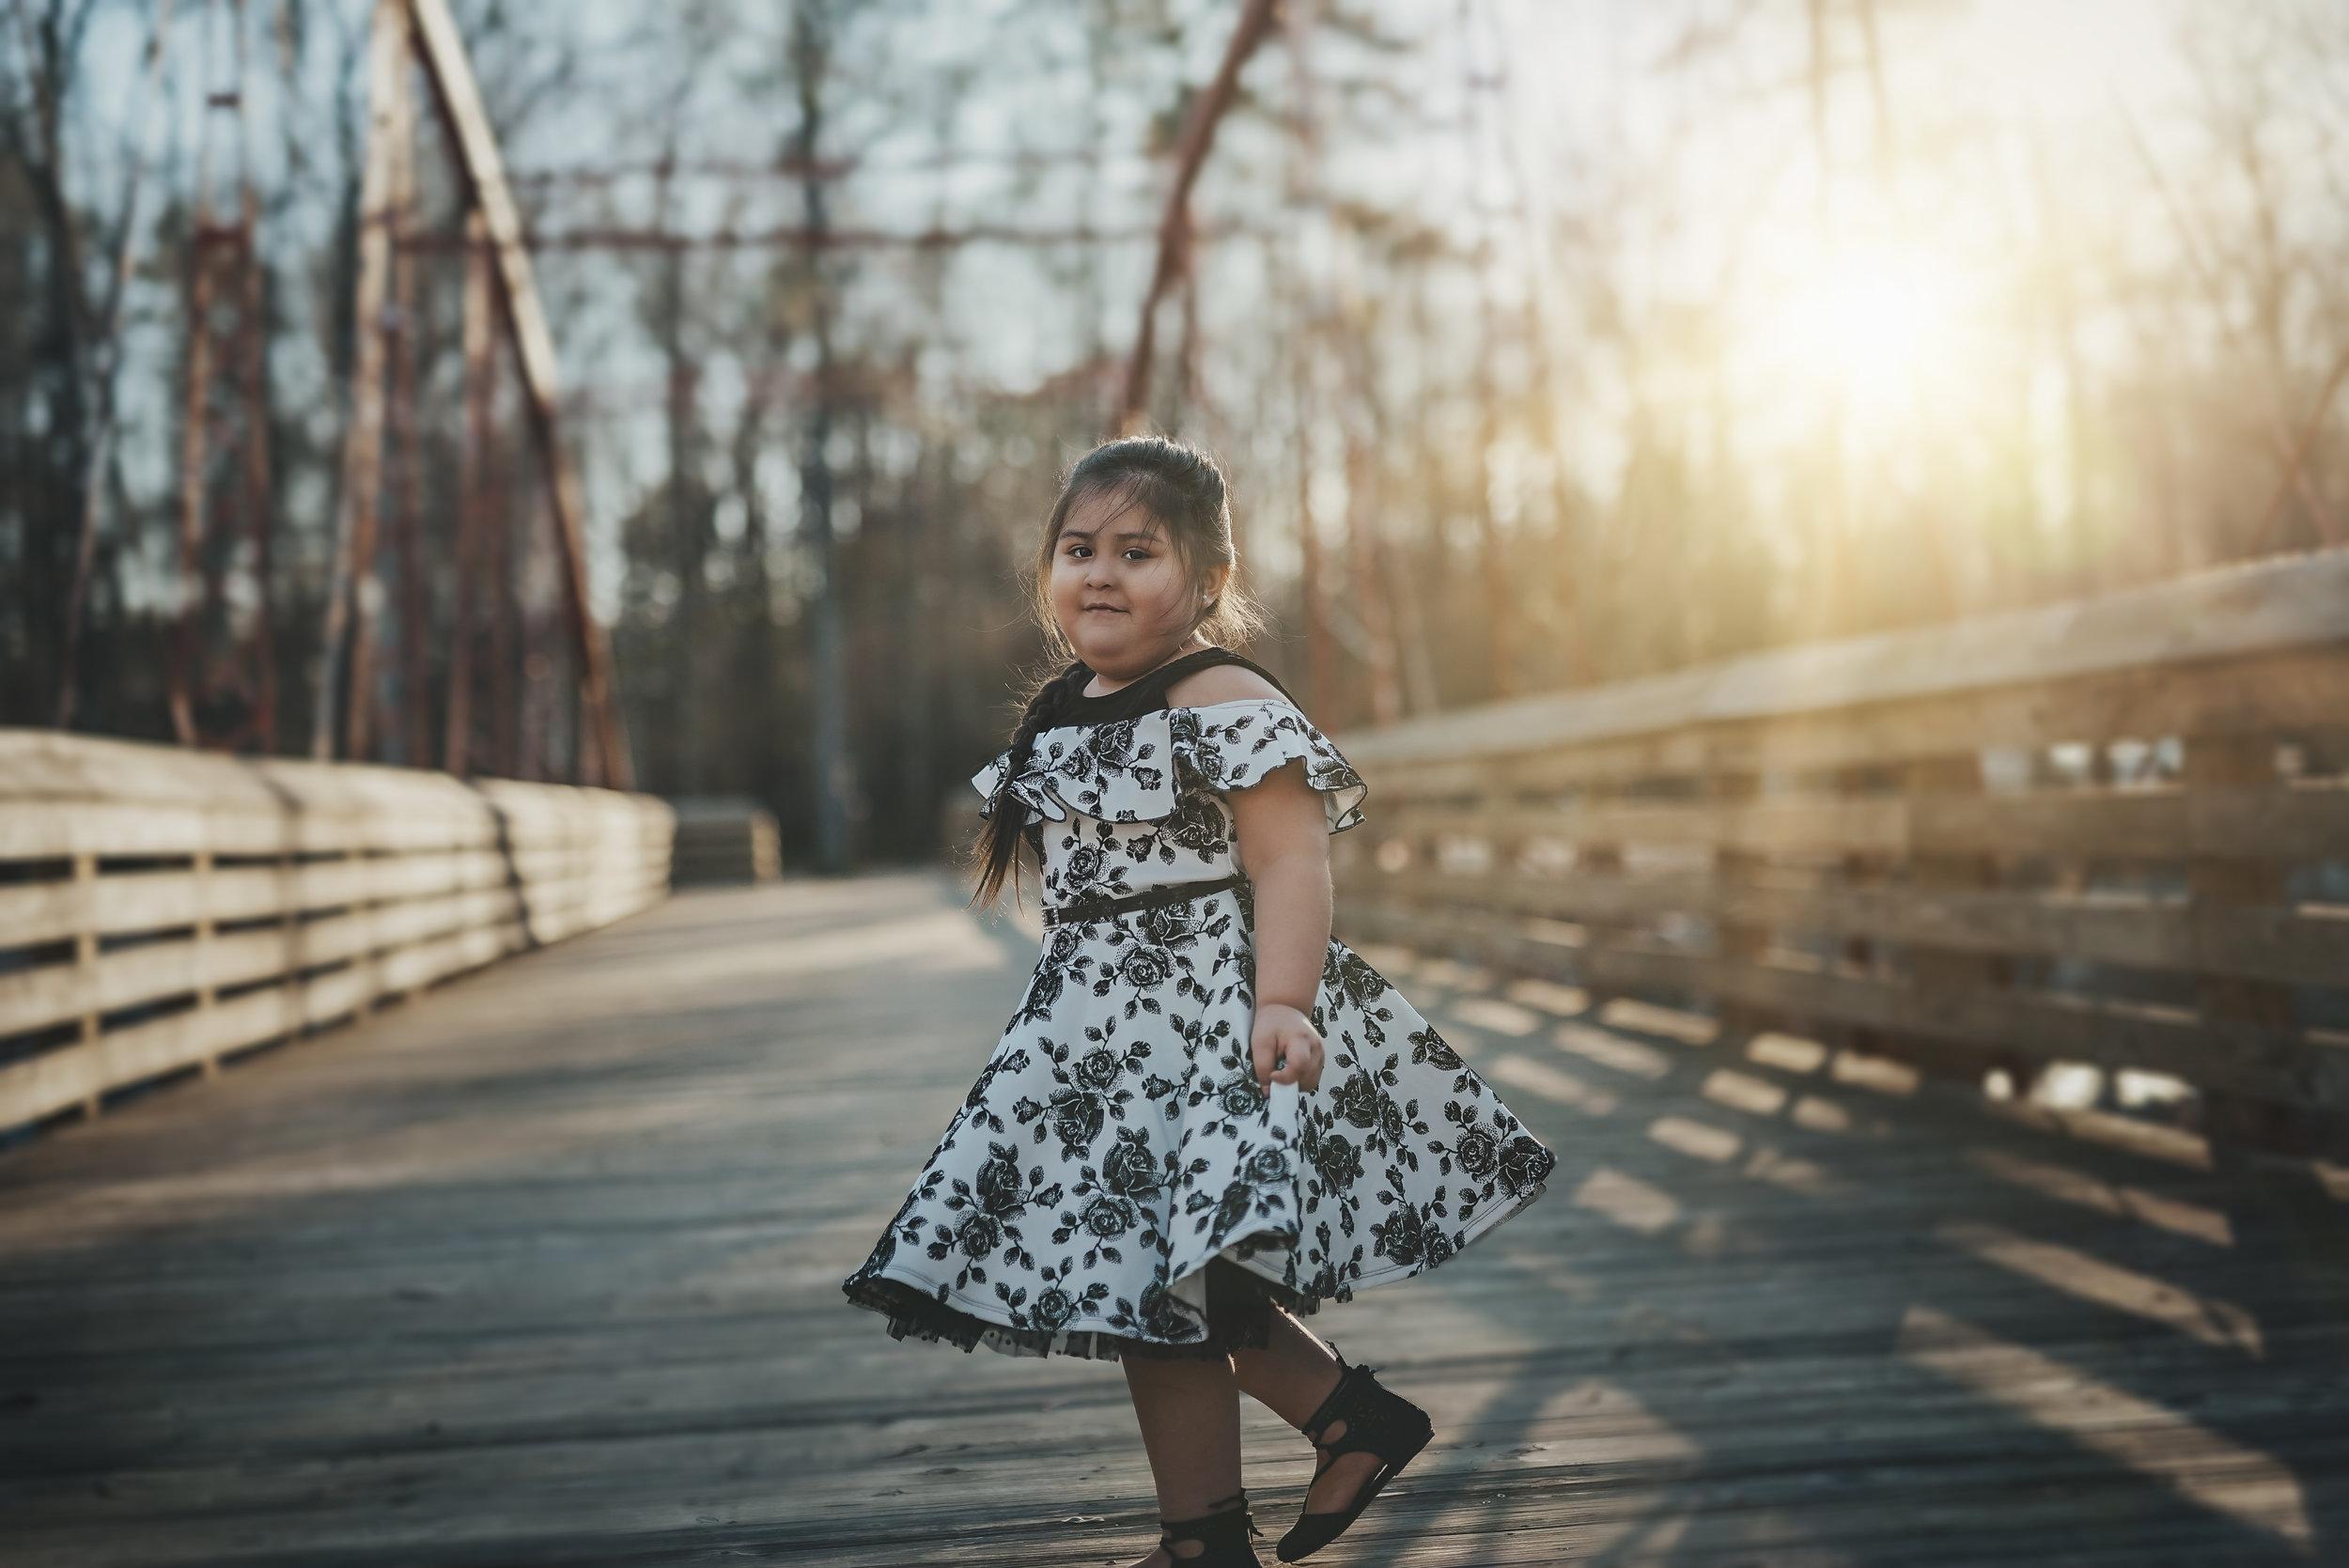 Milestone Portrait Photography